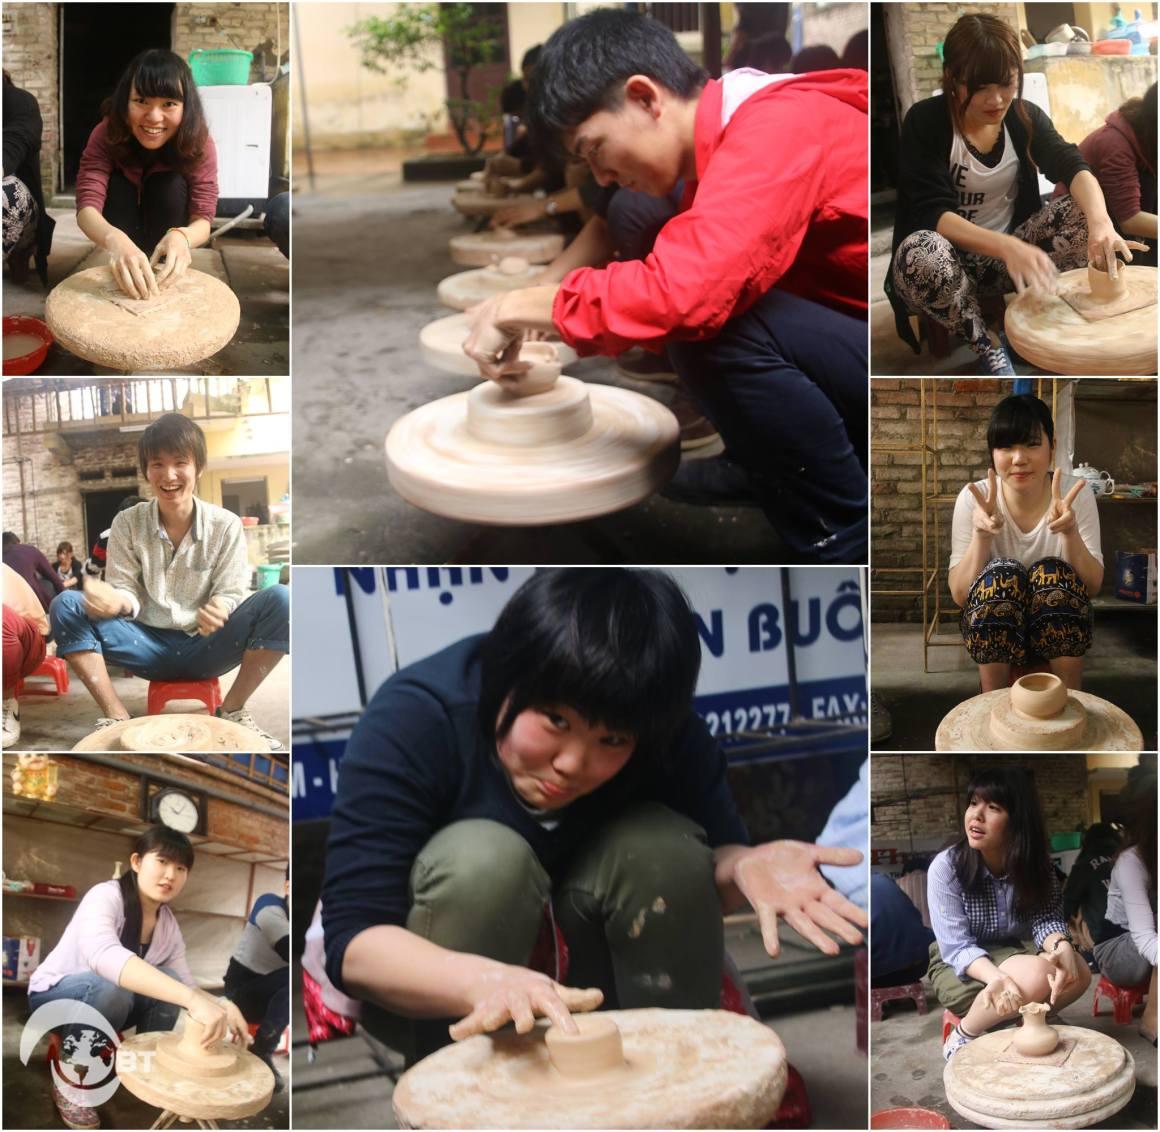 Ngày 15/3, đoàn cũng có cơ hội trảo nghiệm học cách làm gốm tại Làng gốm Bát Tràng.